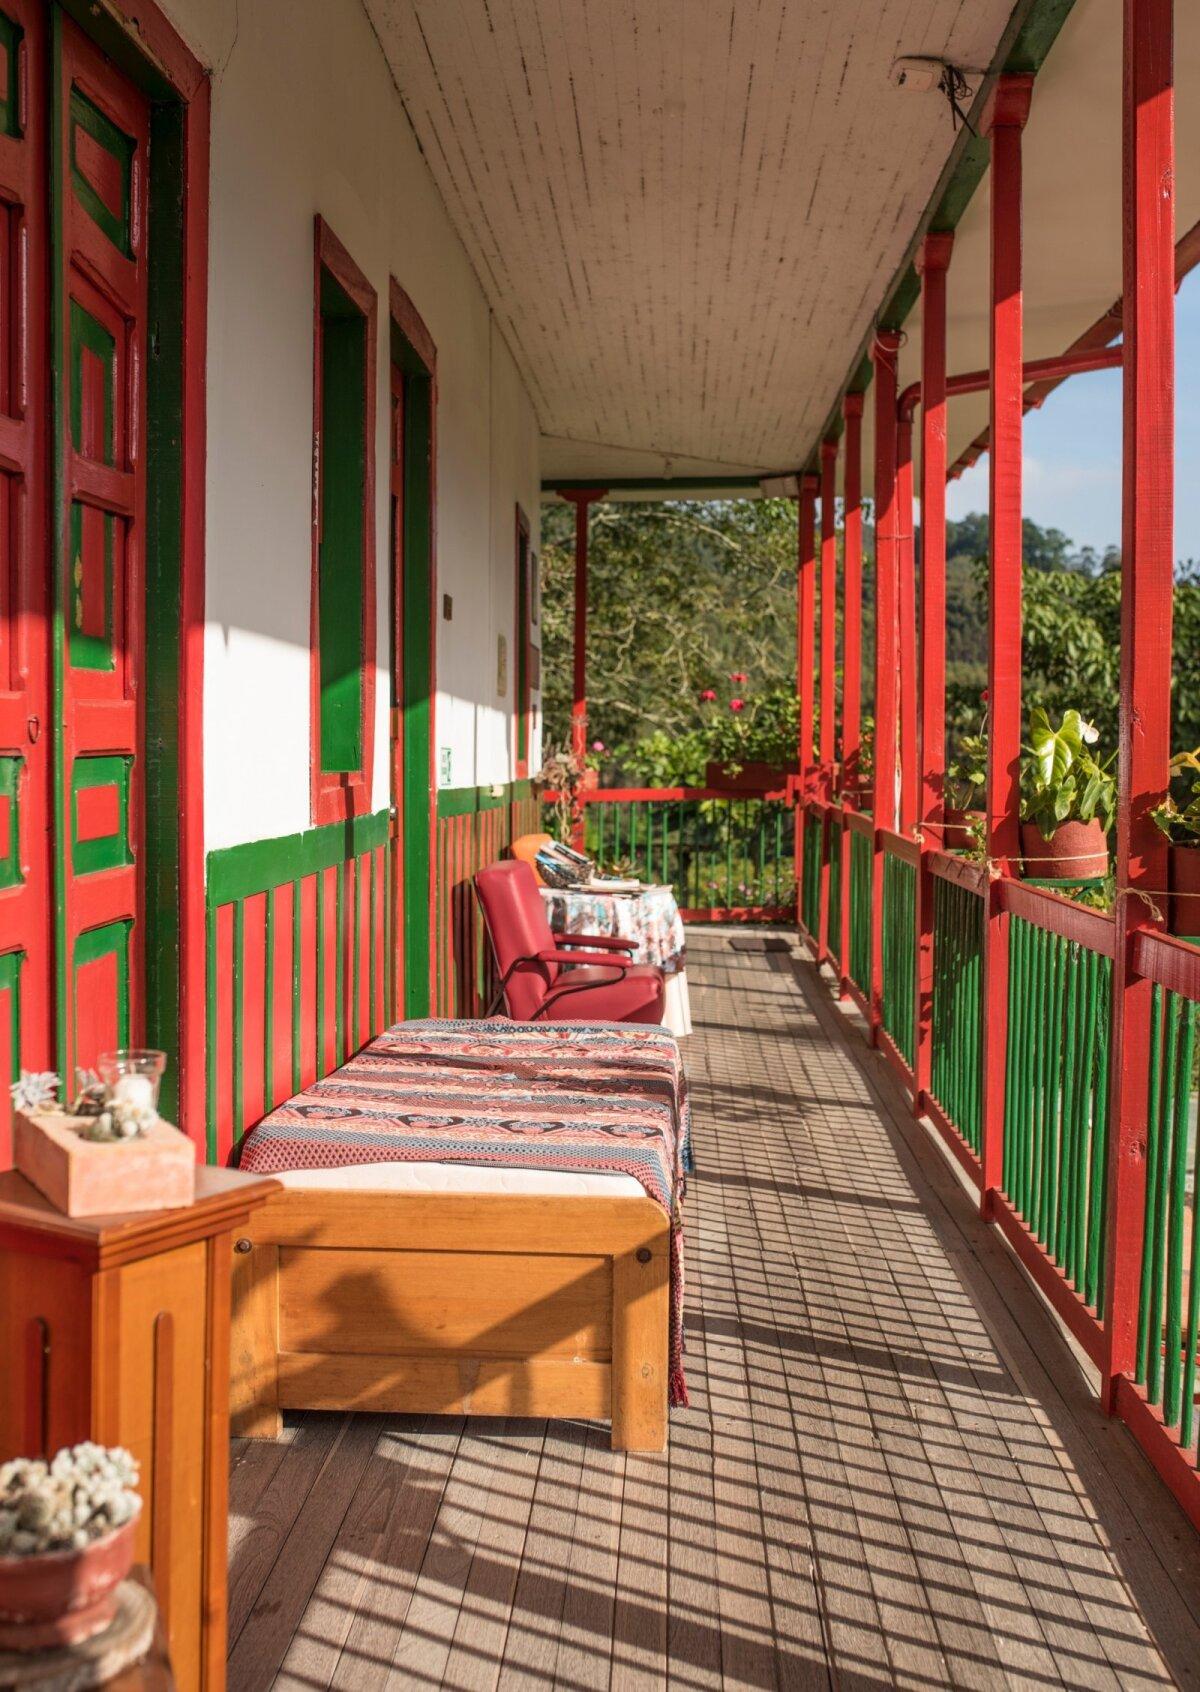 Kui kohvifarmeritele tähendab kohviistandus rasket tööd, siis turistile tõotab see unustamatut puhkust. Pildil Finca de Ocaso külalistemaja.